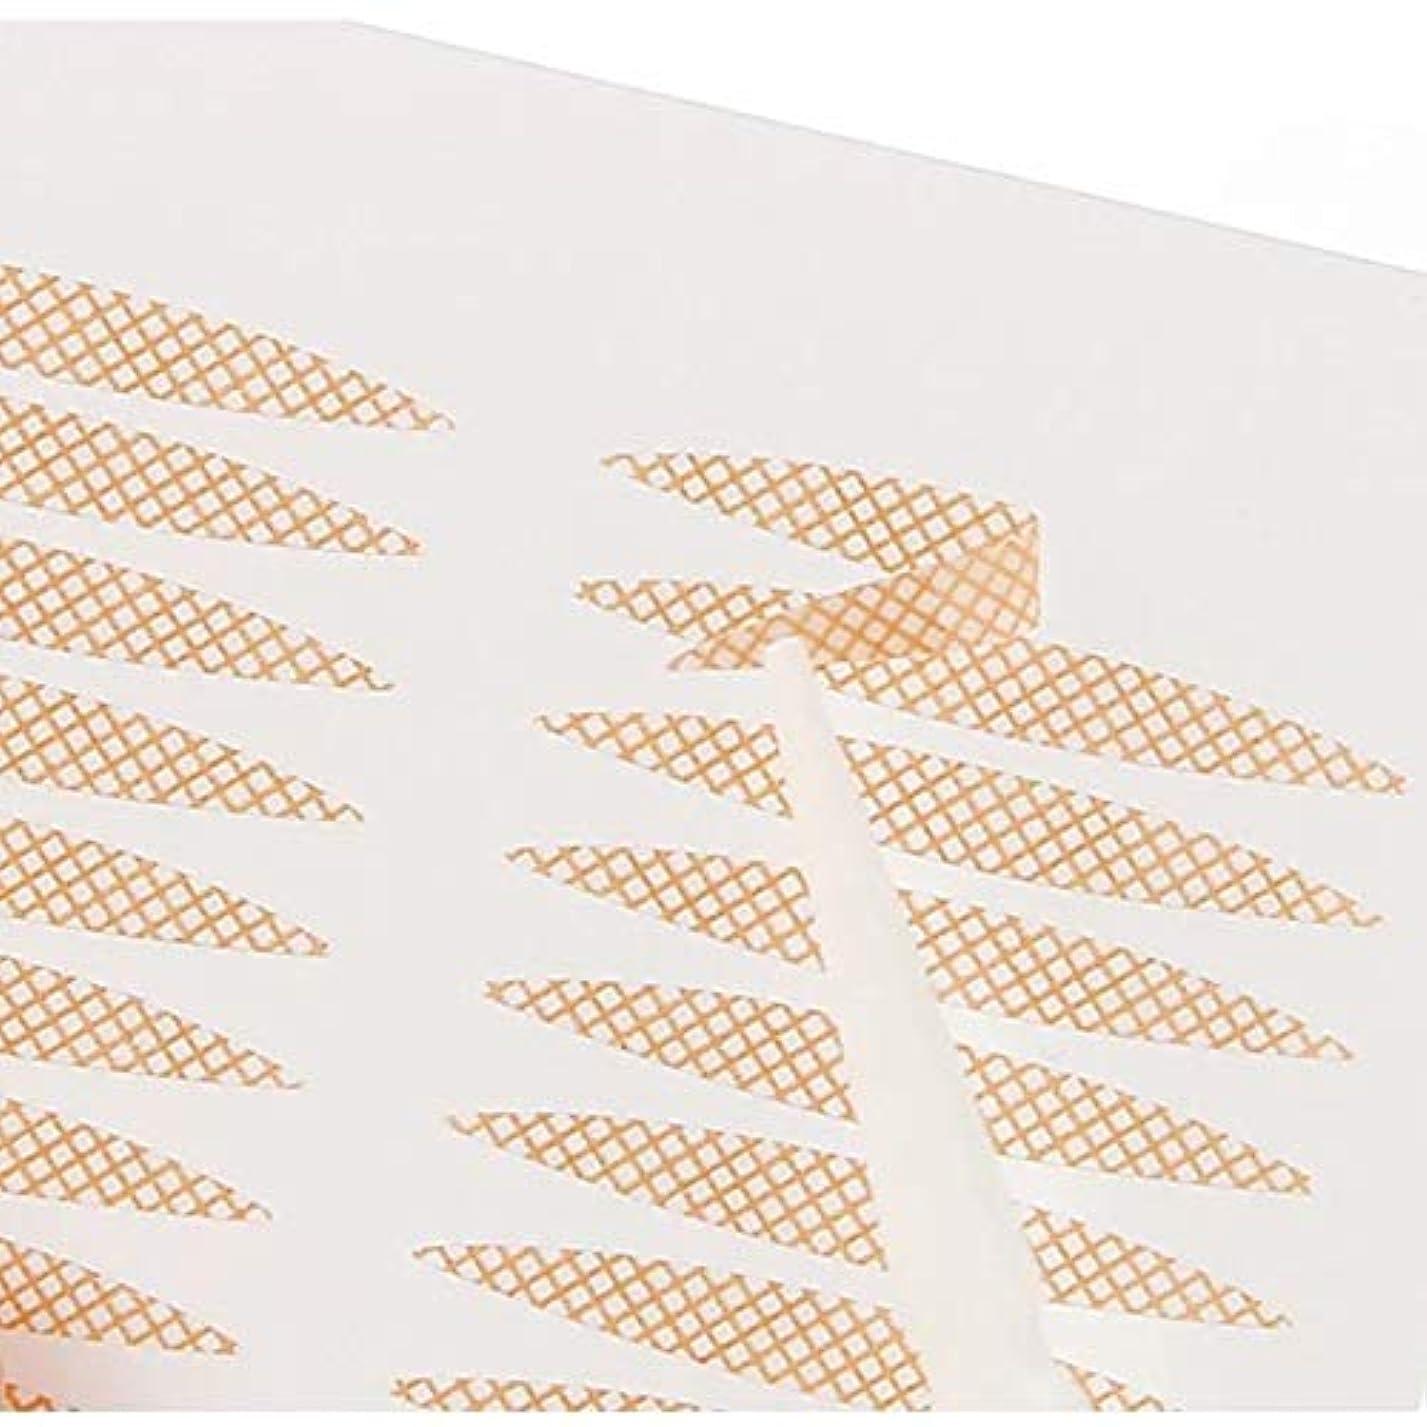 望まない食料品店過敏なSweetSweetShop メッシュ式二重テープ 二重まぶた アイテープ ふたえまぶたテープ 癖付け 絆創膏タイプ 半月型 楕円型 240枚 120回分 4ヶ月分 プッシャー付き (混合タイプ232枚)